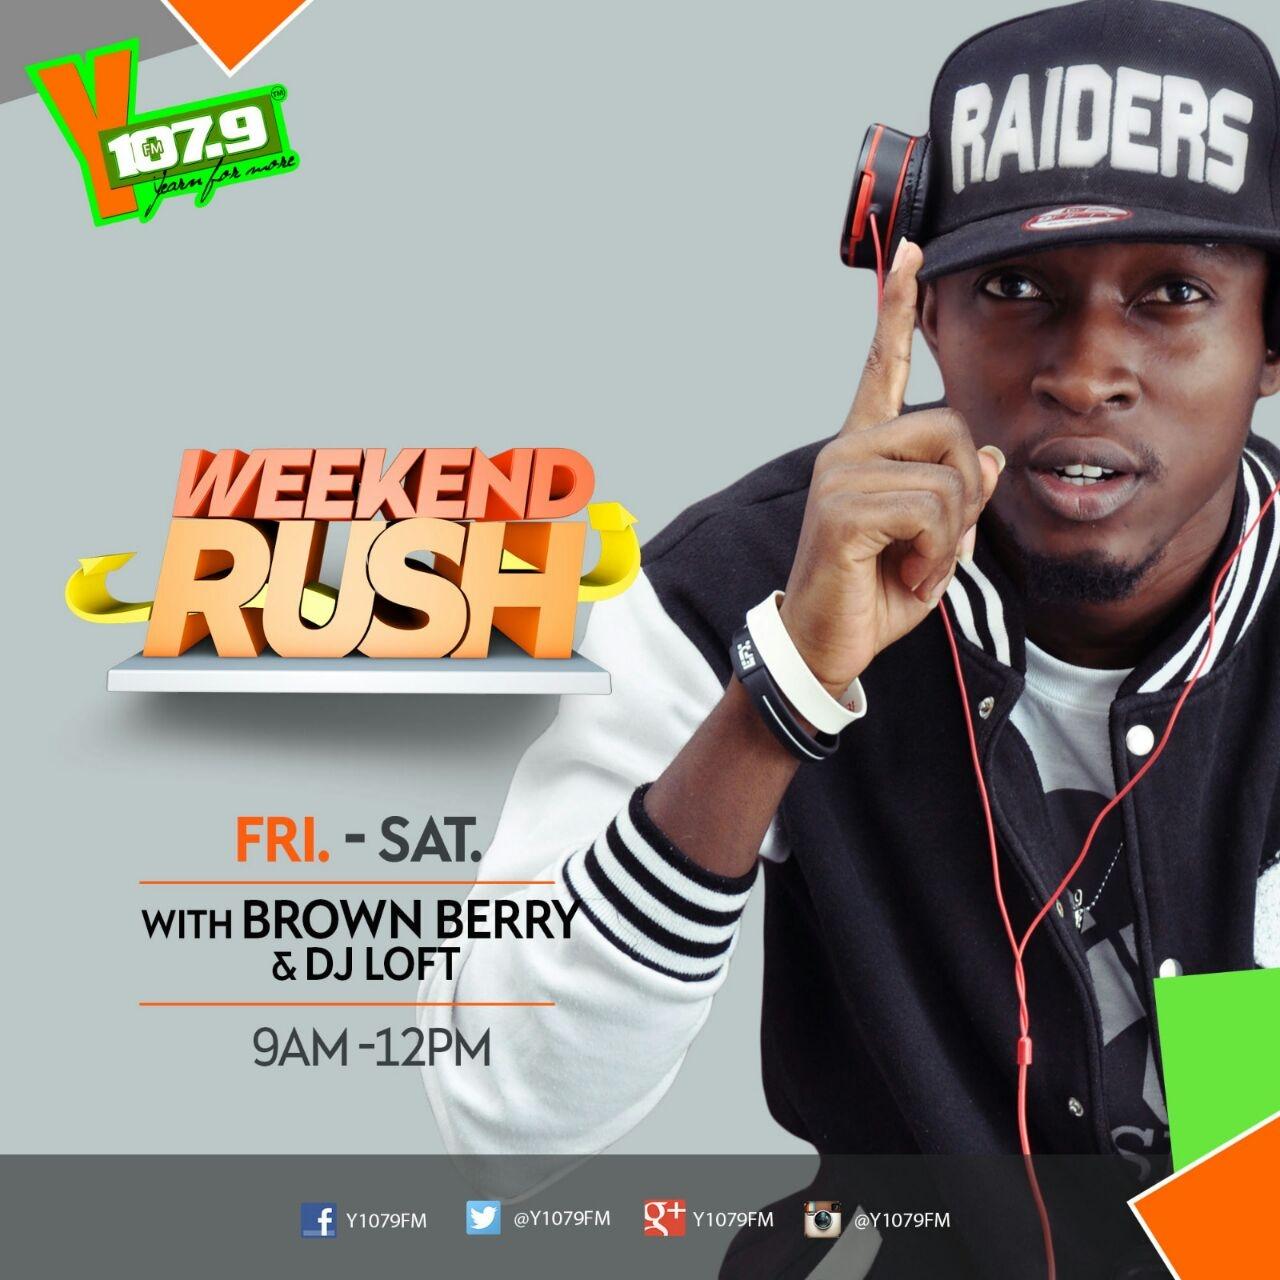 Weekend Rush